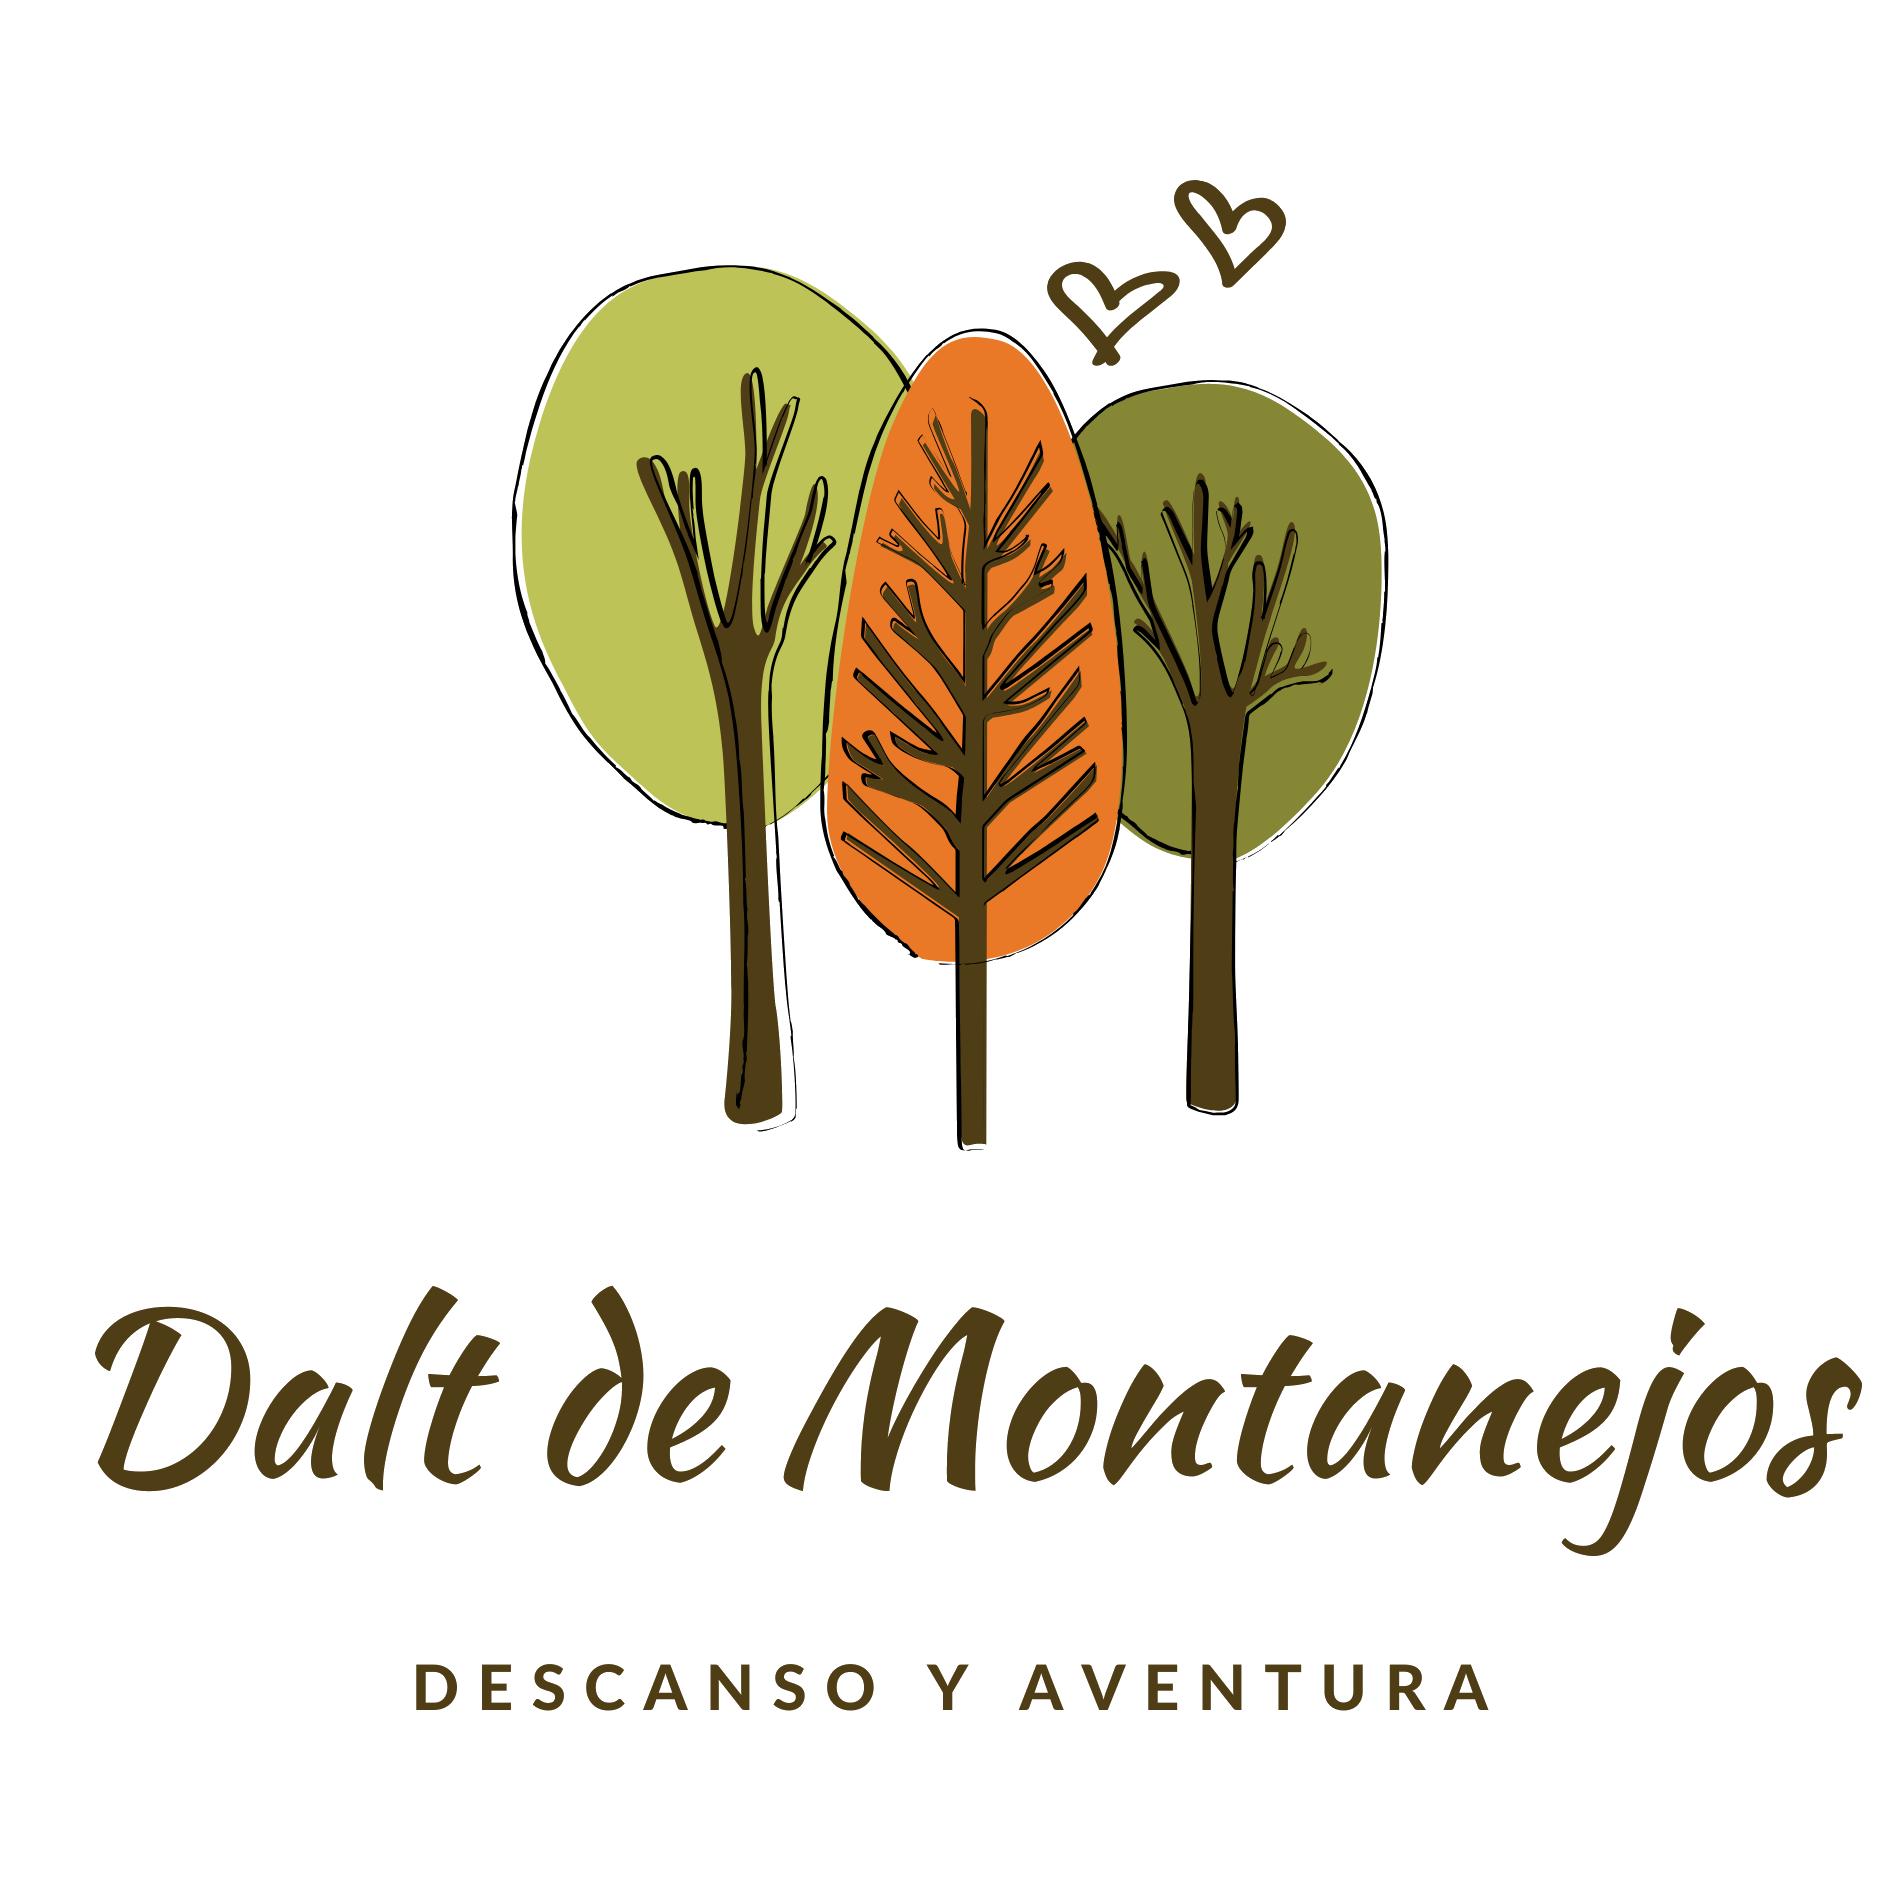 Dalt de Montanejos Logo